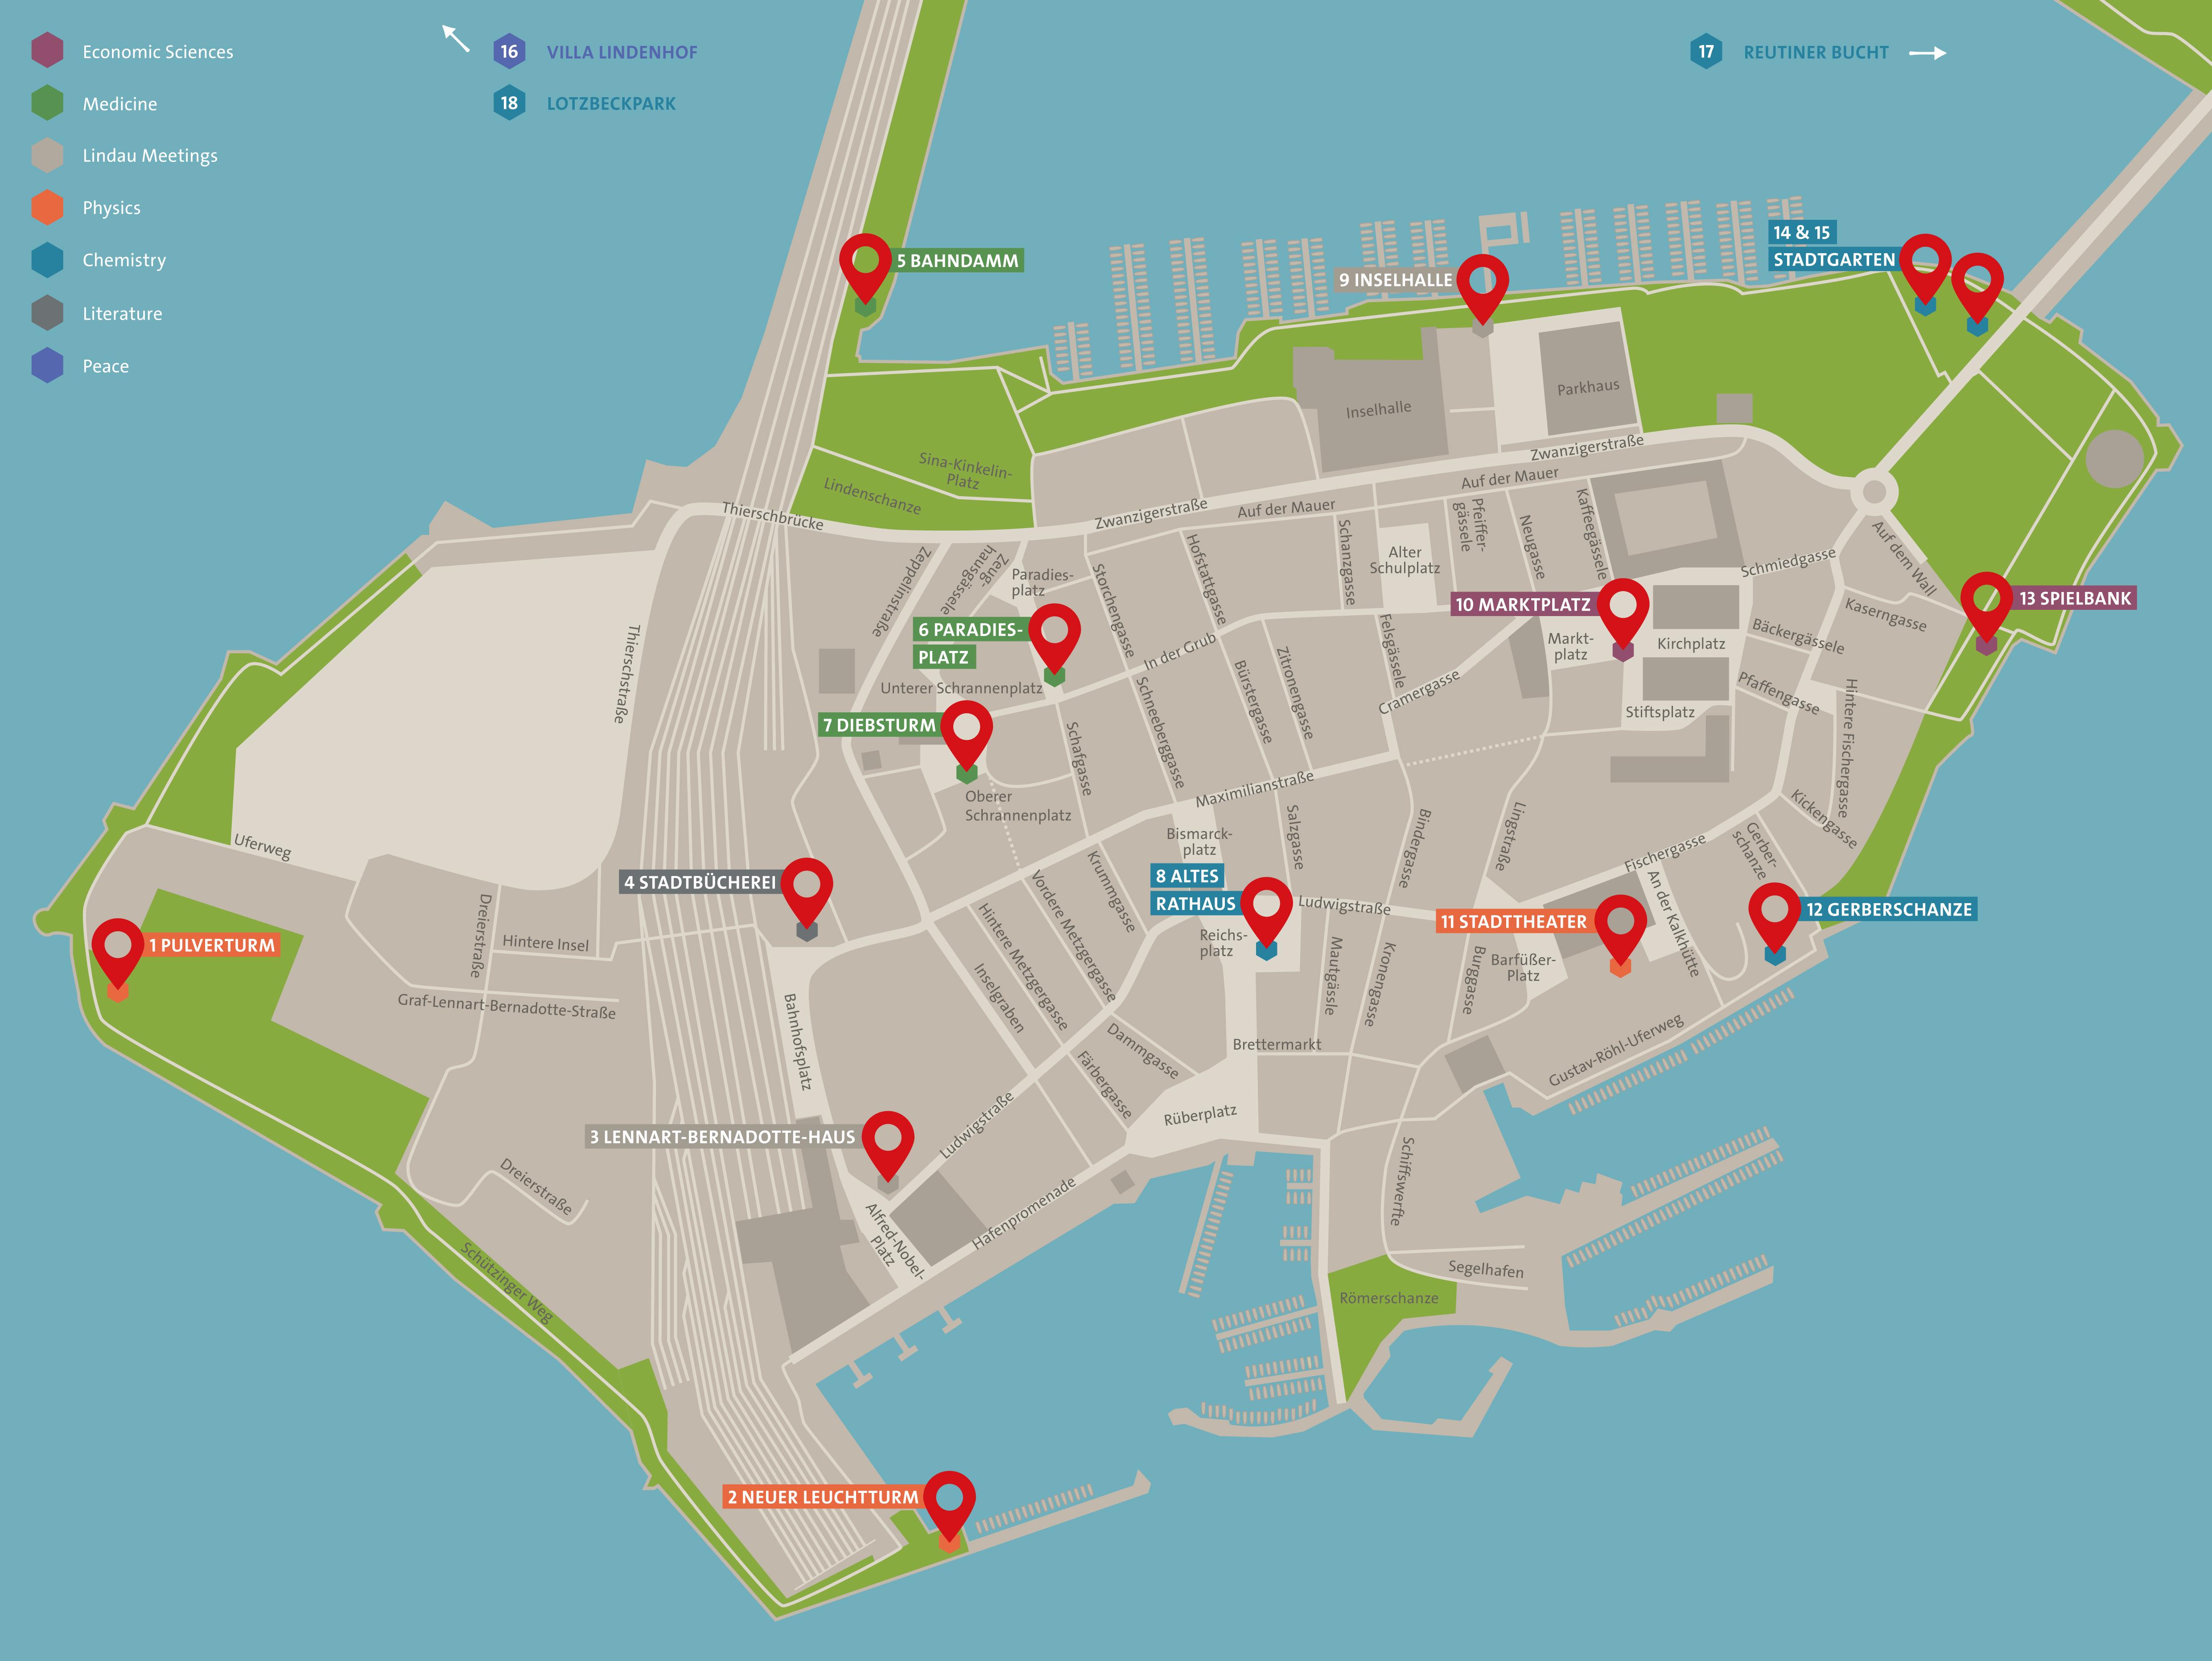 Die Karte zeigt die verschiedenen Standorte der Wissenspylone, die ab sofort in Lindau entdeckt werden können. Picture/Credit: Archimedes Exhibitions GmbH